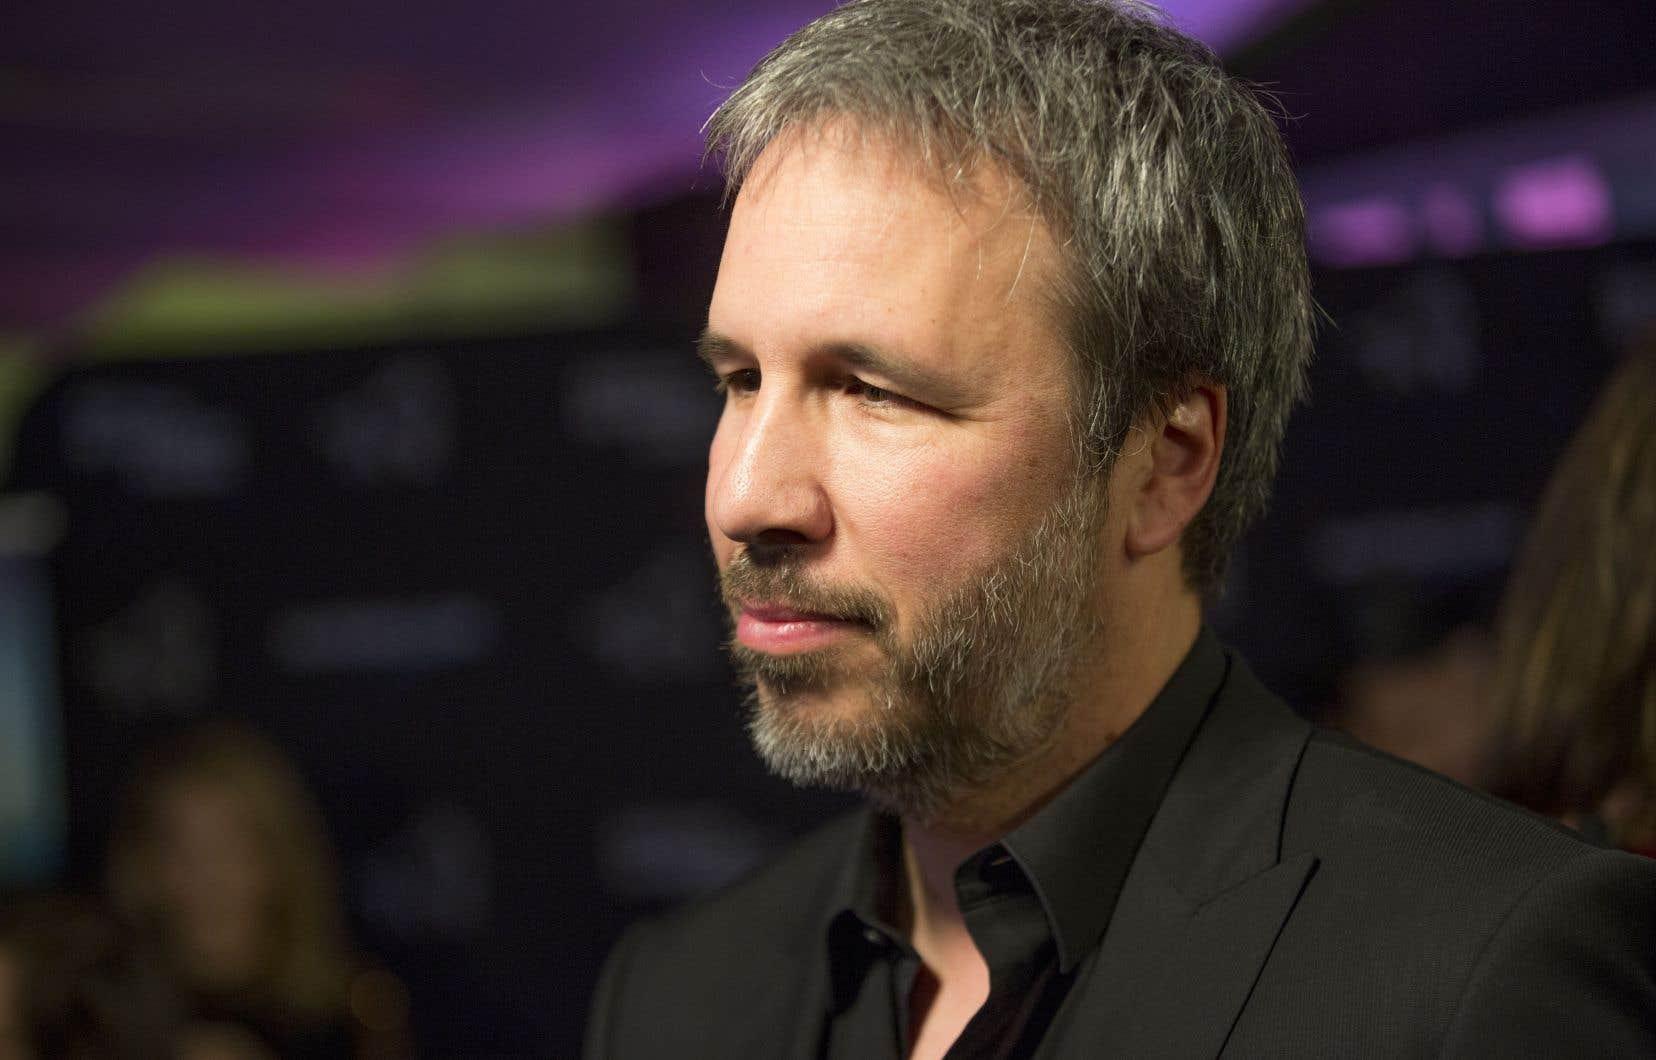 Après Xavier Dolan en 2014, c'est au tour de Denis Villeneuve de participer au jury du Festival de Cannes.